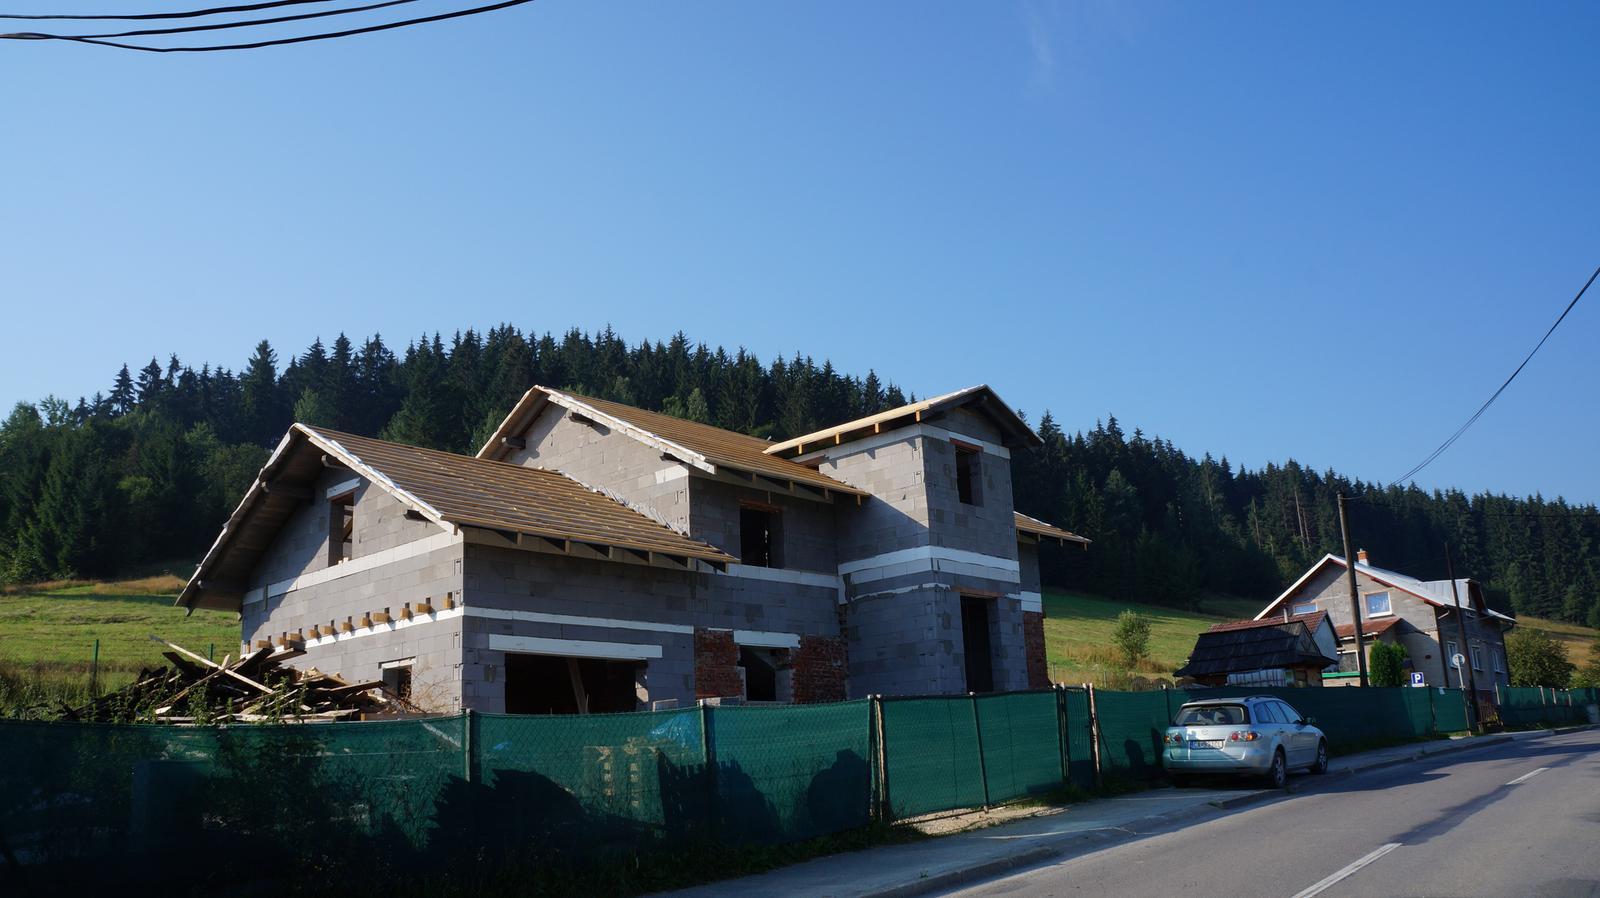 *Sen-stavba-dom-domov * - pohľad od cesty:) chýbajú ešte vchodové schody a nad vchodom bude mierne nadstrešenie :)